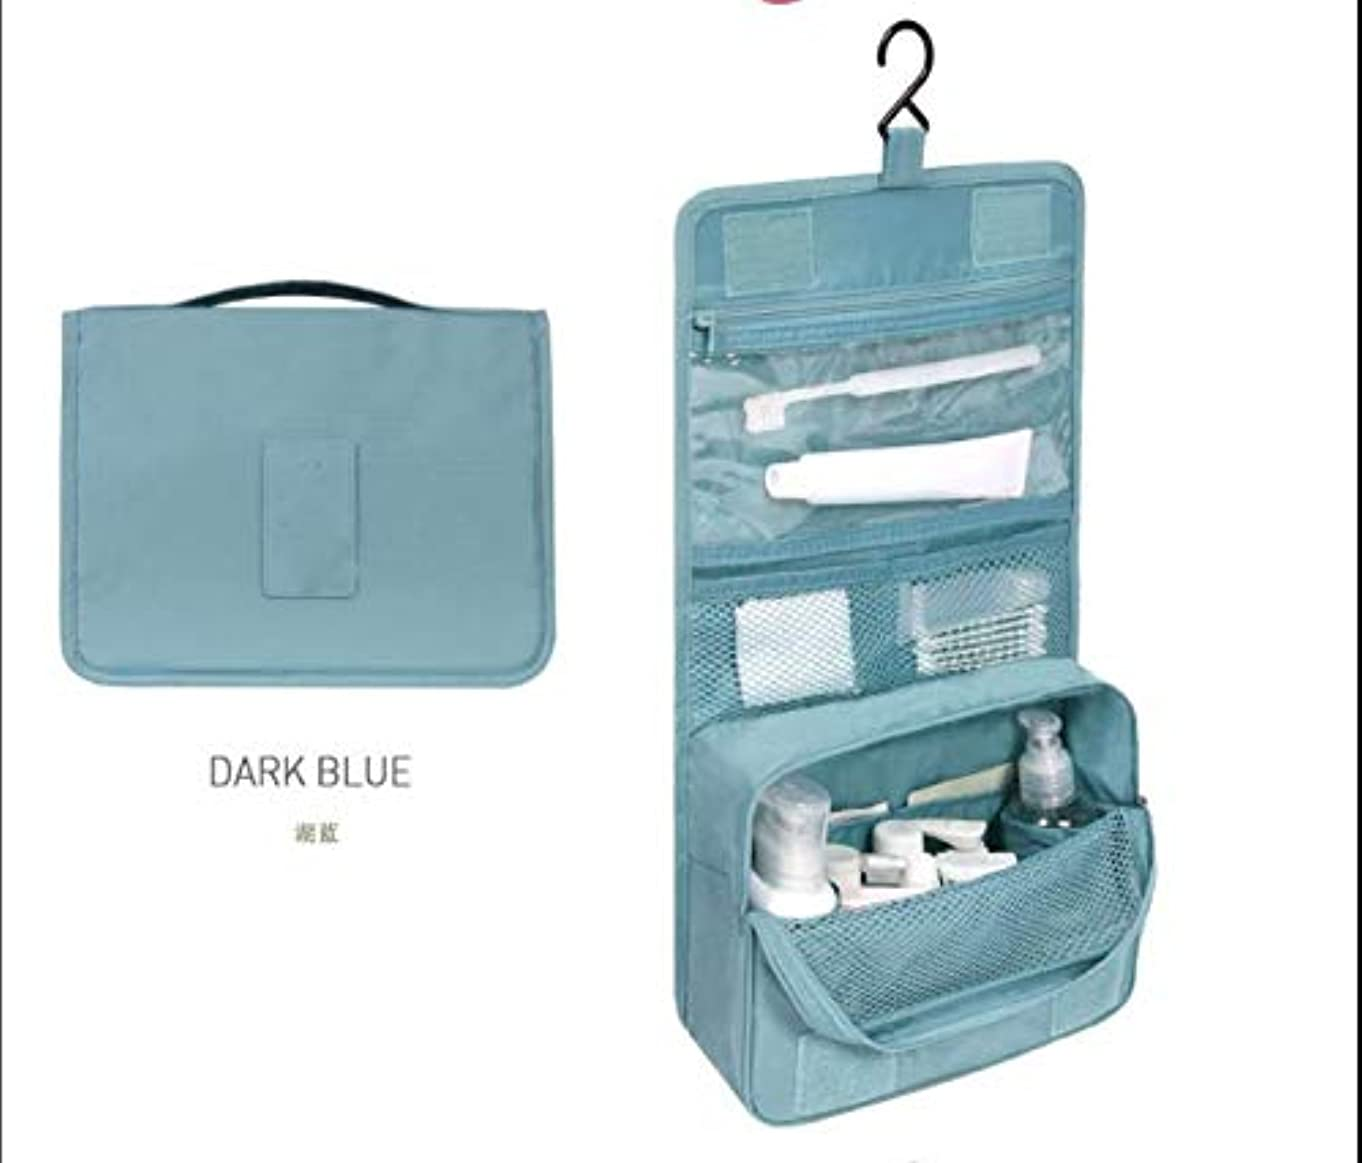 モーテル薬用分注するDoyime ハンドバッグ、クリーニング用品、旅行用バッグ、バスバッグ、化粧バッグ、ジッパー、化粧バッグ、ペンダント、便利なアイテム、小物、ギフト